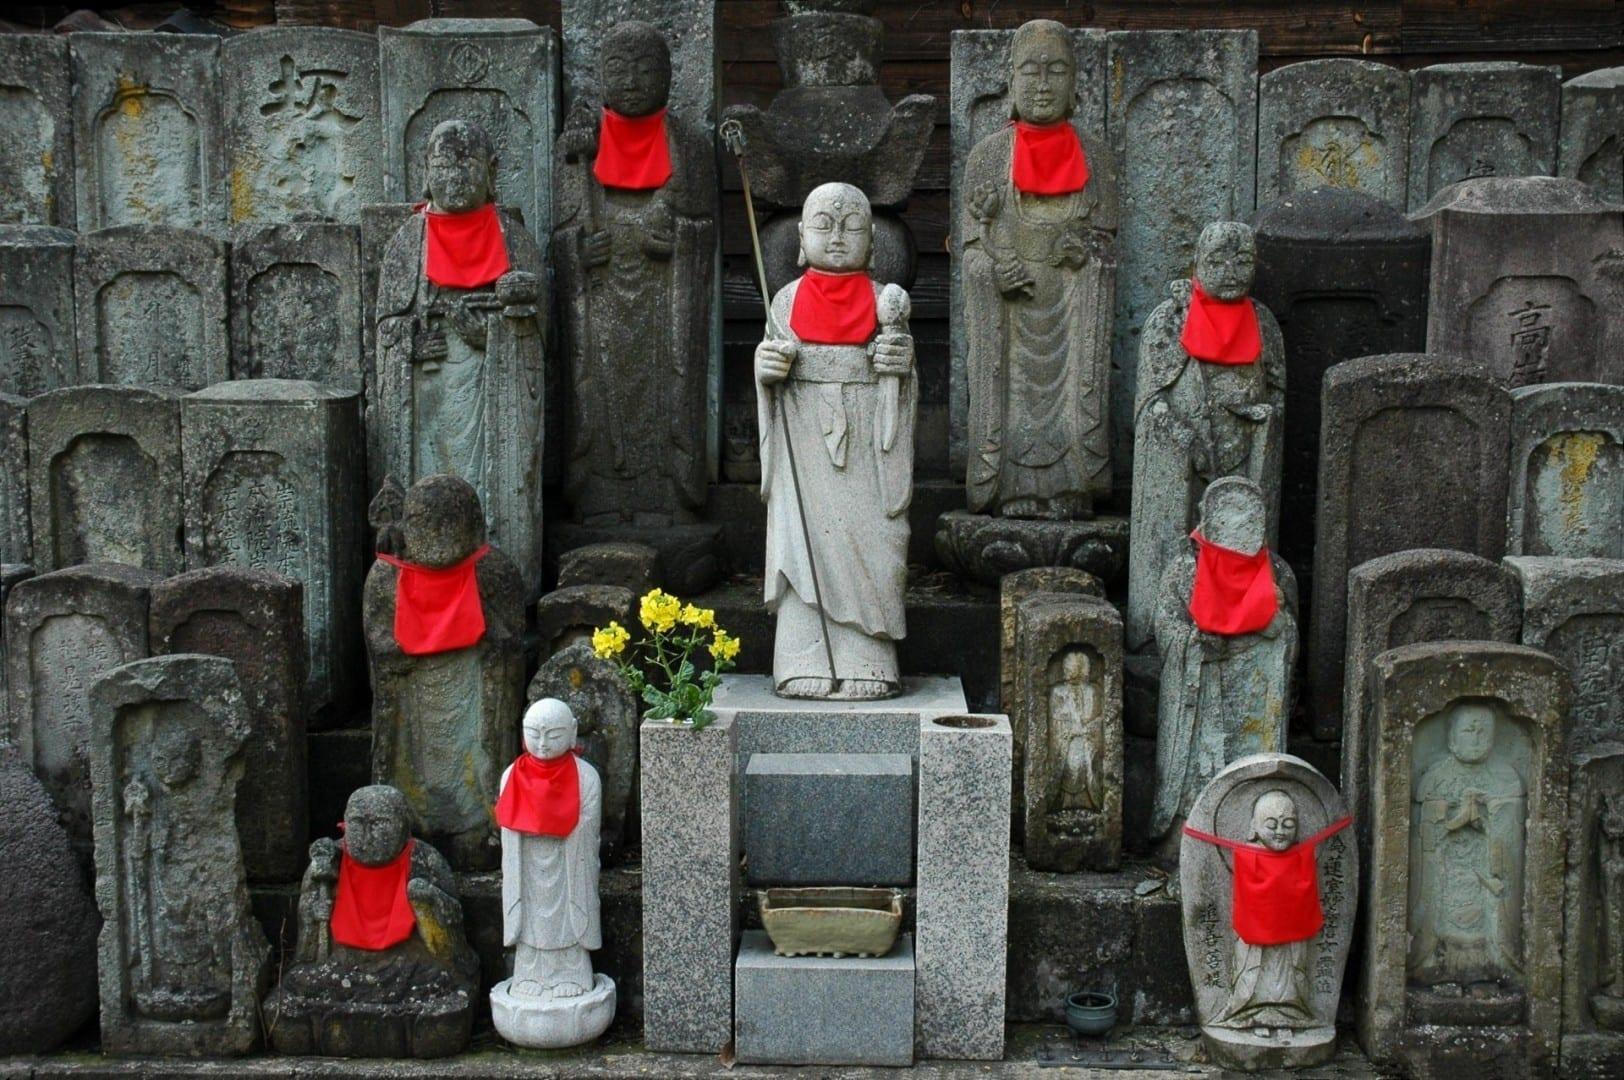 Las estatuas de Jizō, el patrón de los viajeros, en Teramachi Kanazawa Japón